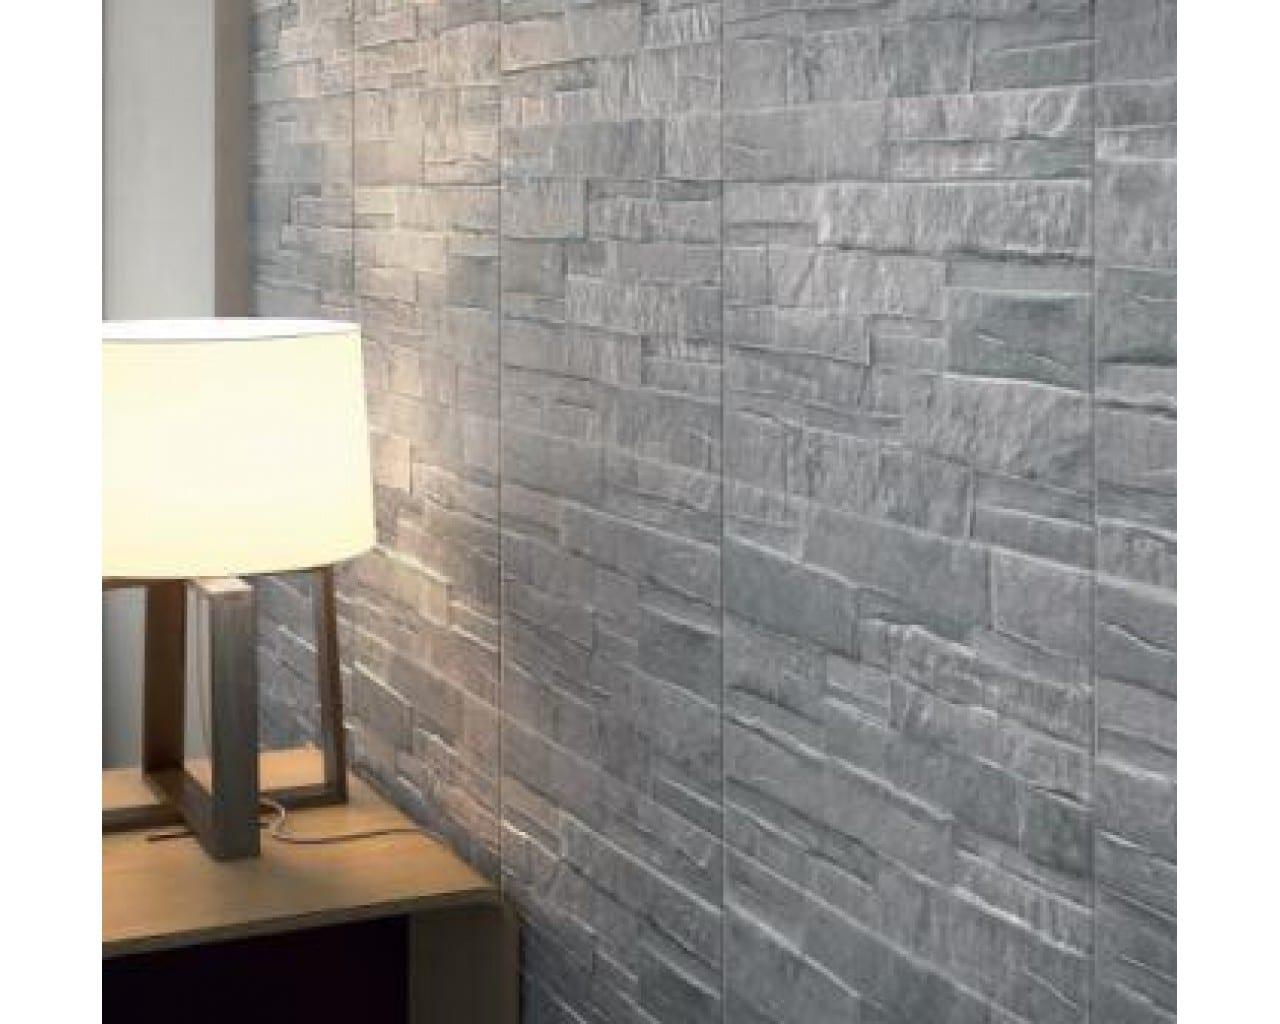 Dinamo azulejo imitaci n piedra baldosas imitaci n piedra para interior - Revestimientos de paredes imitacion piedra ...